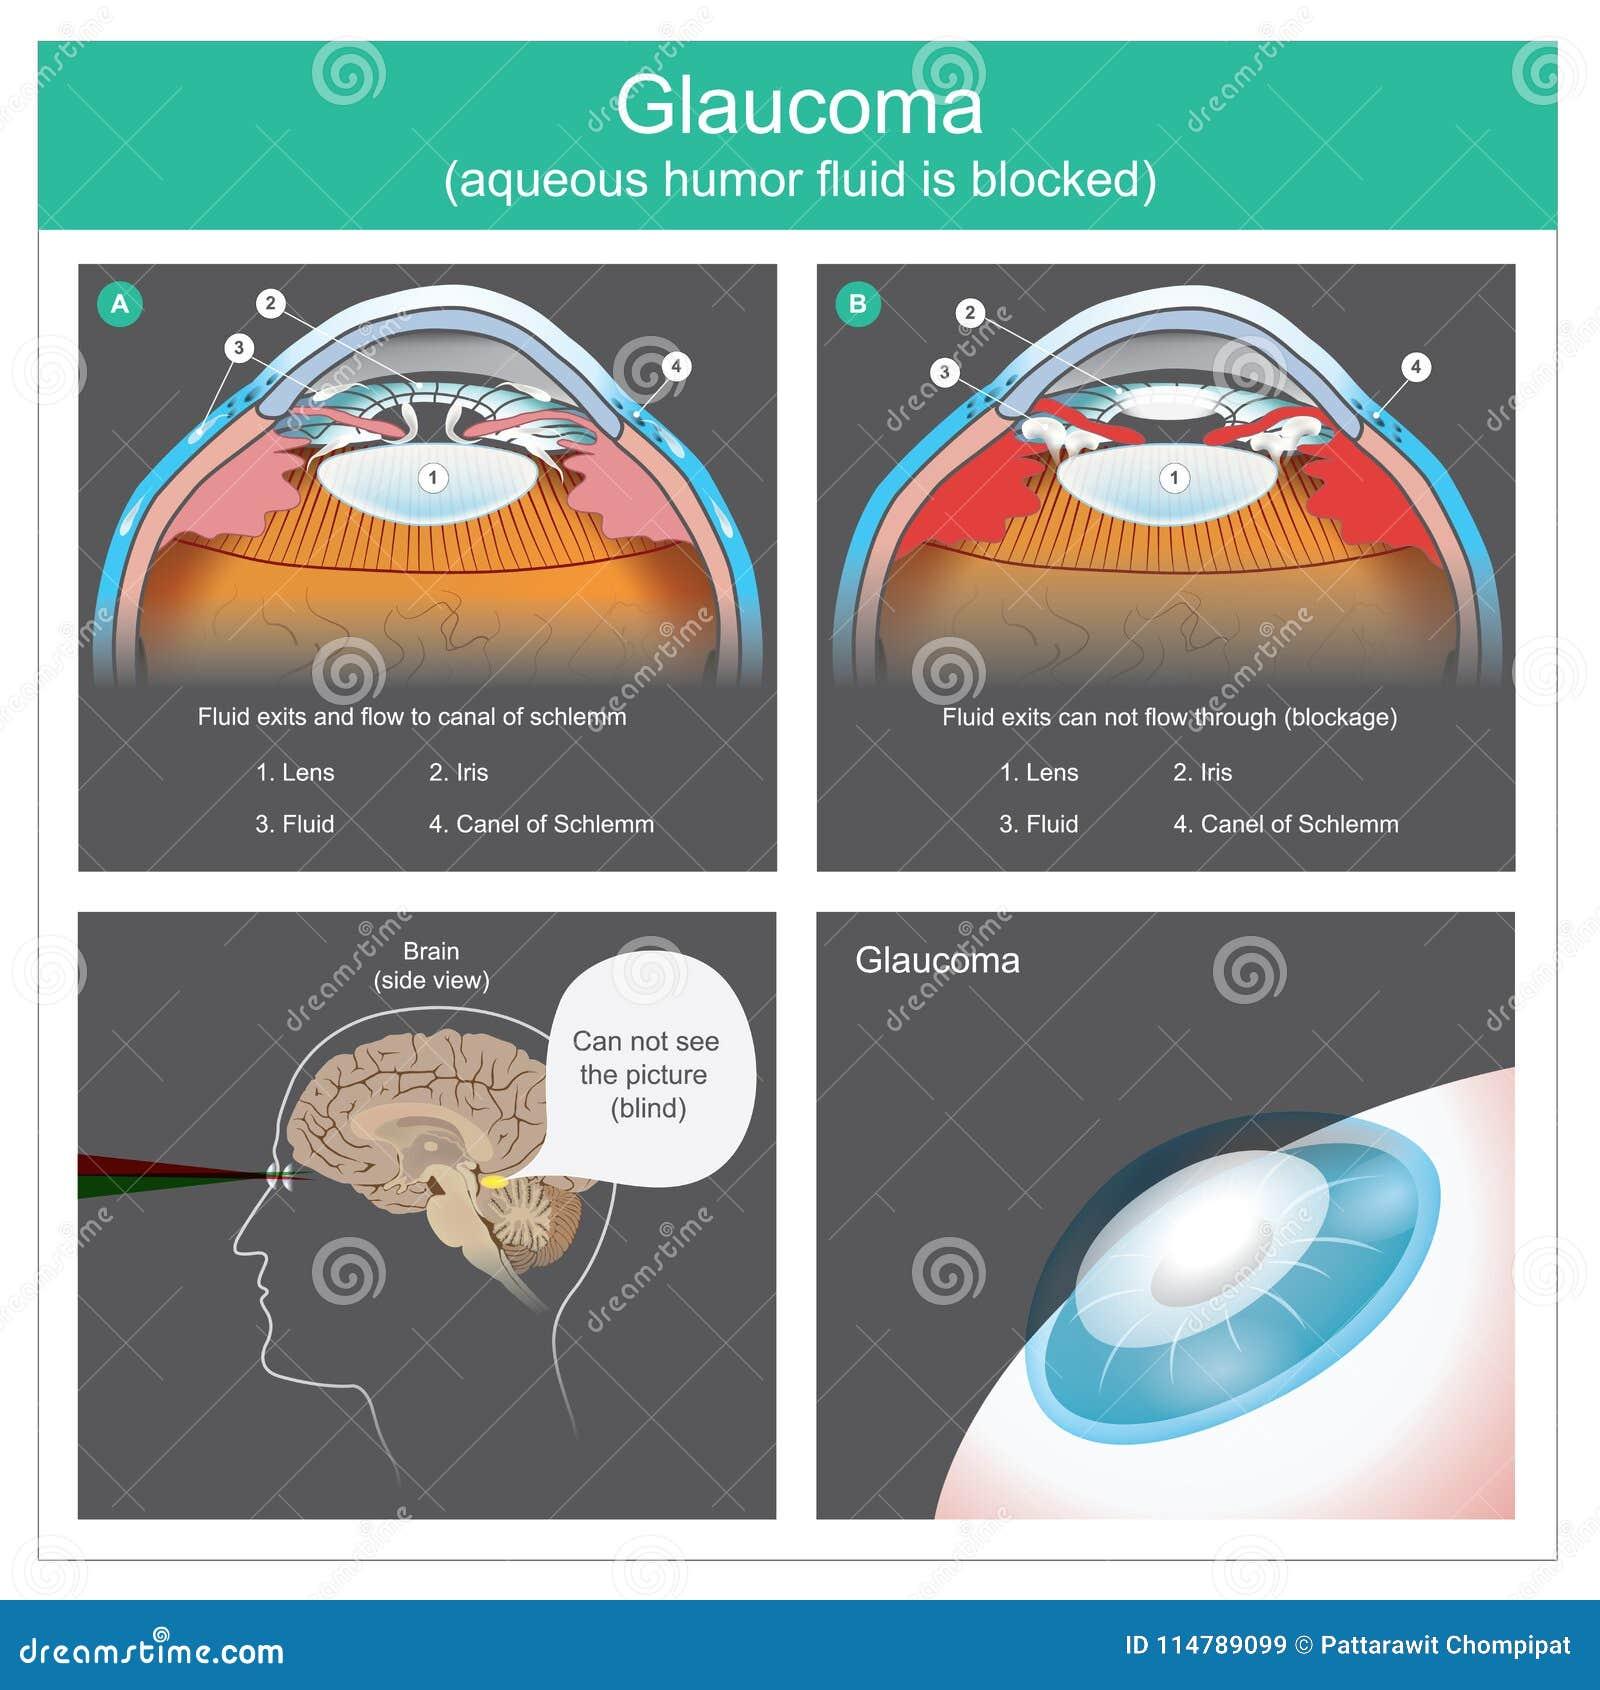 глаукома Выходы и подача водяного юмора жидкие к каналу глаз schlemm человеческих иллюстрация